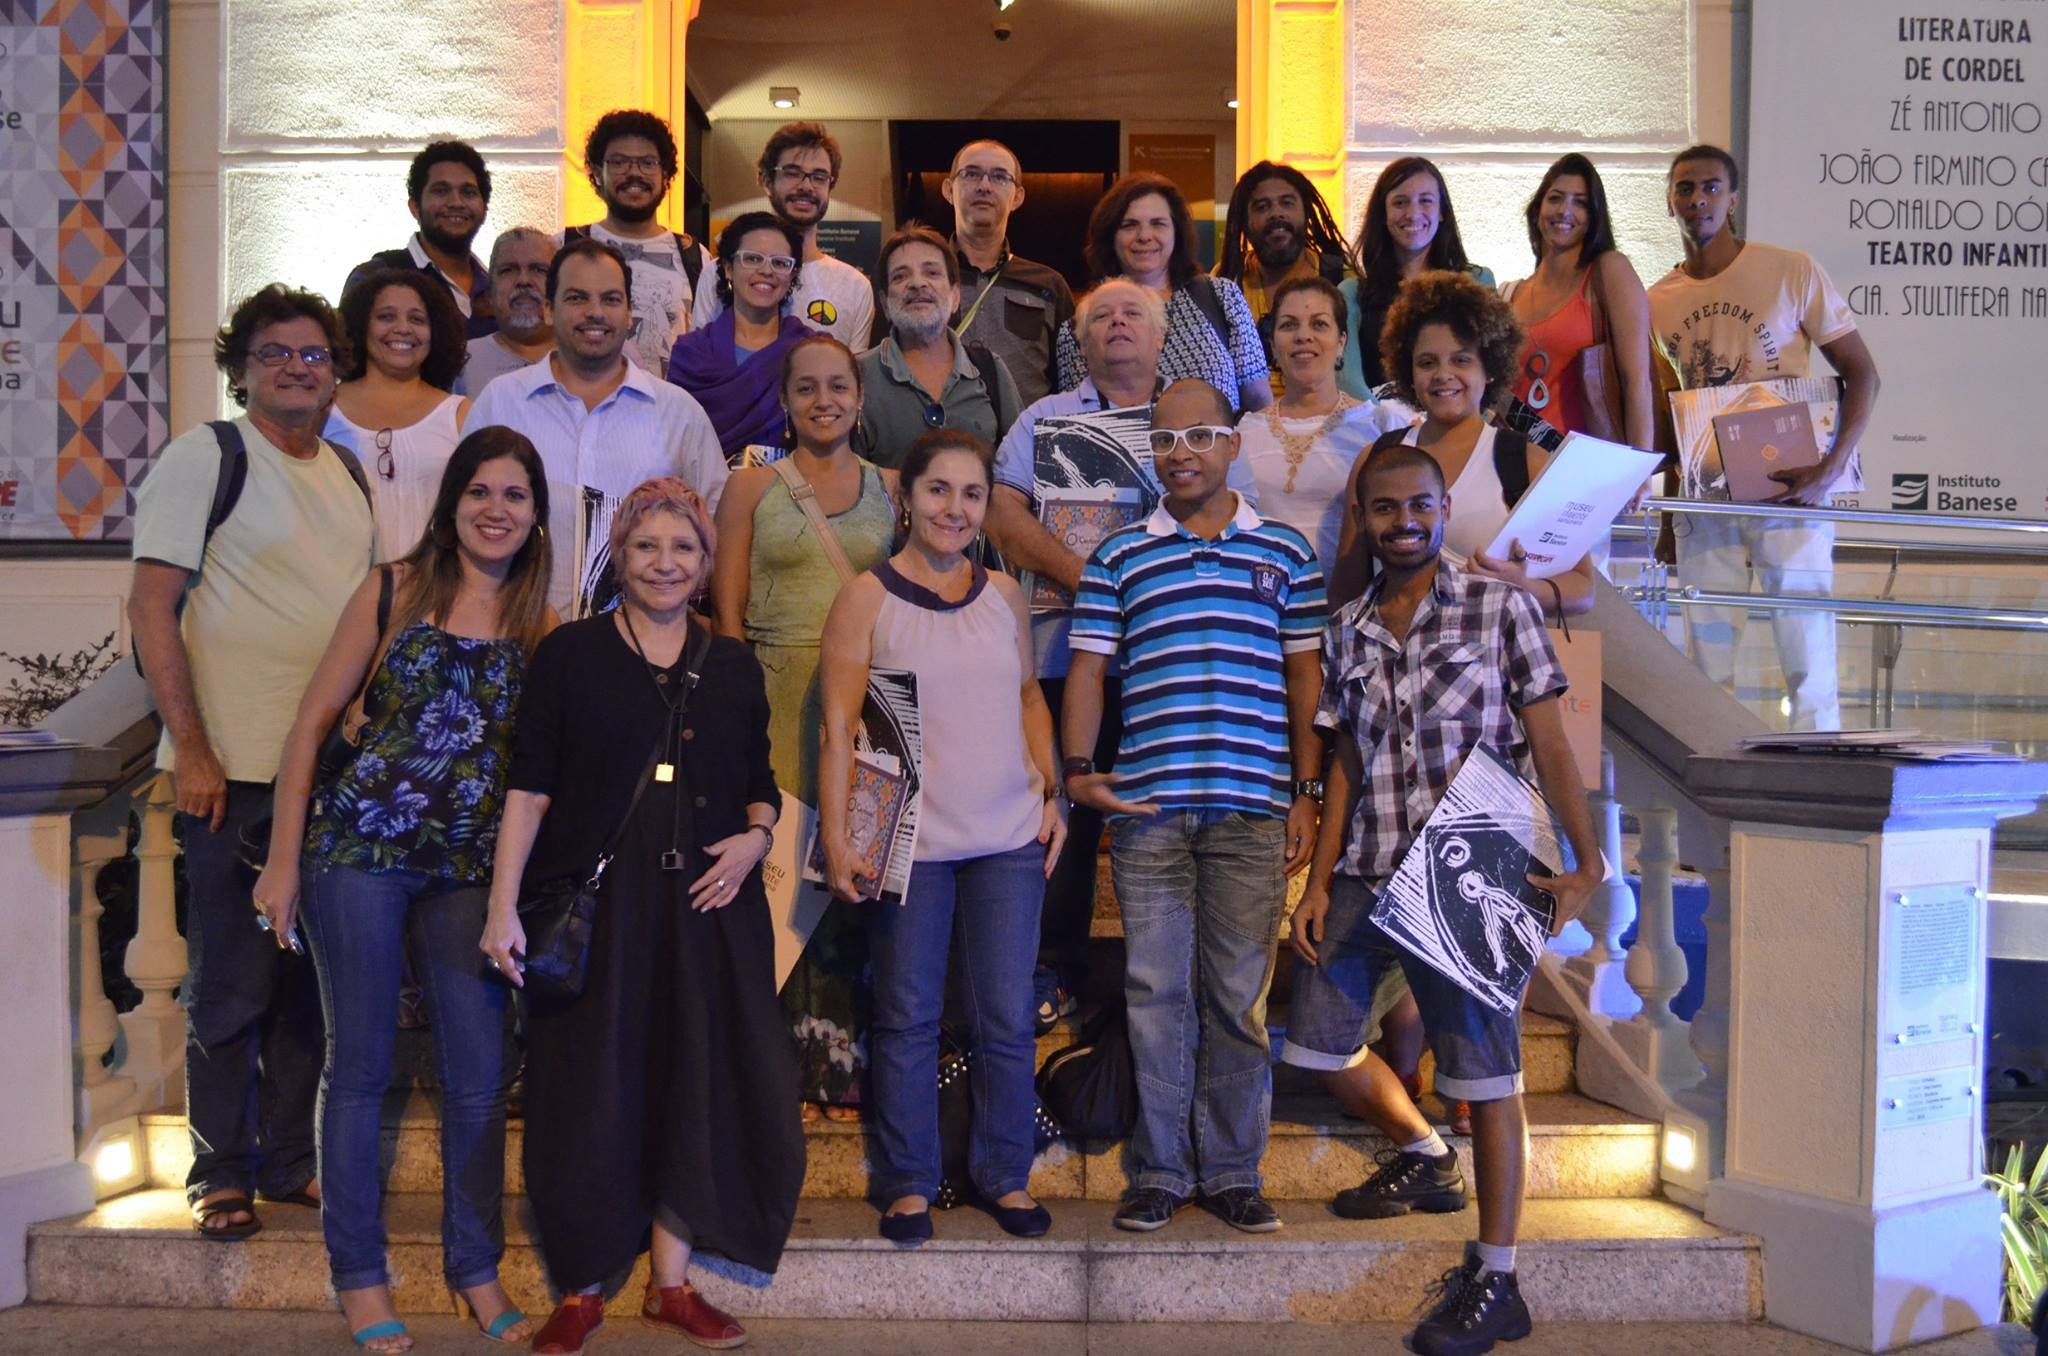 IHAC-UFBA conclui em Olinda segunda turma do Curso de Especialização em Gestão Cultural no Nordeste